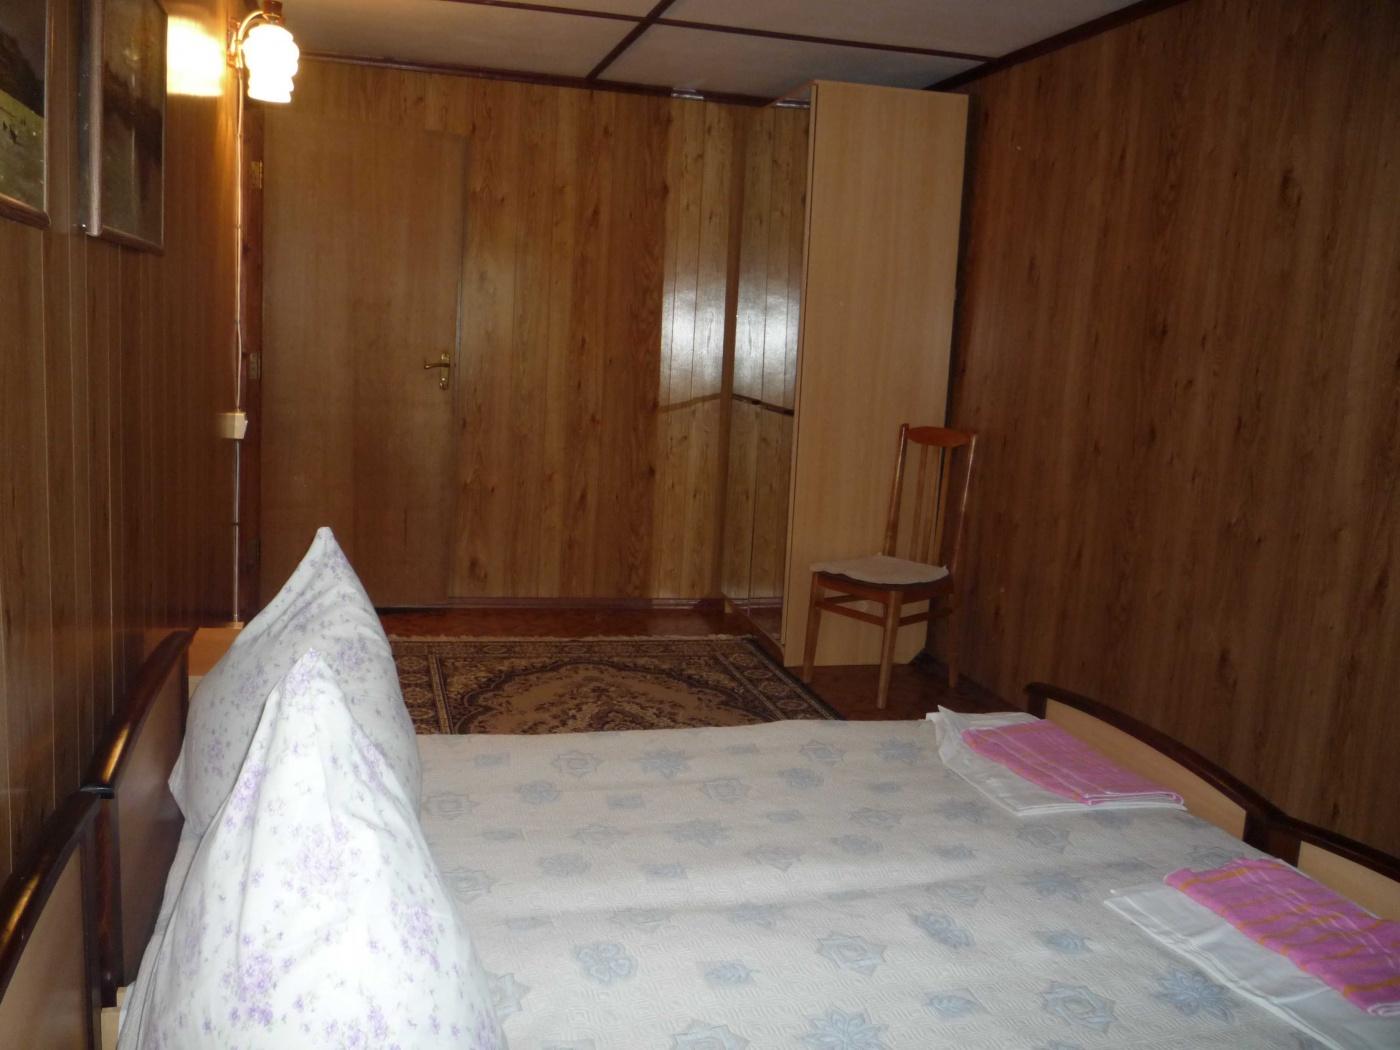 База отдыха «Парус» Астраханская область Домик № 6 («Приветливый»), фото 5